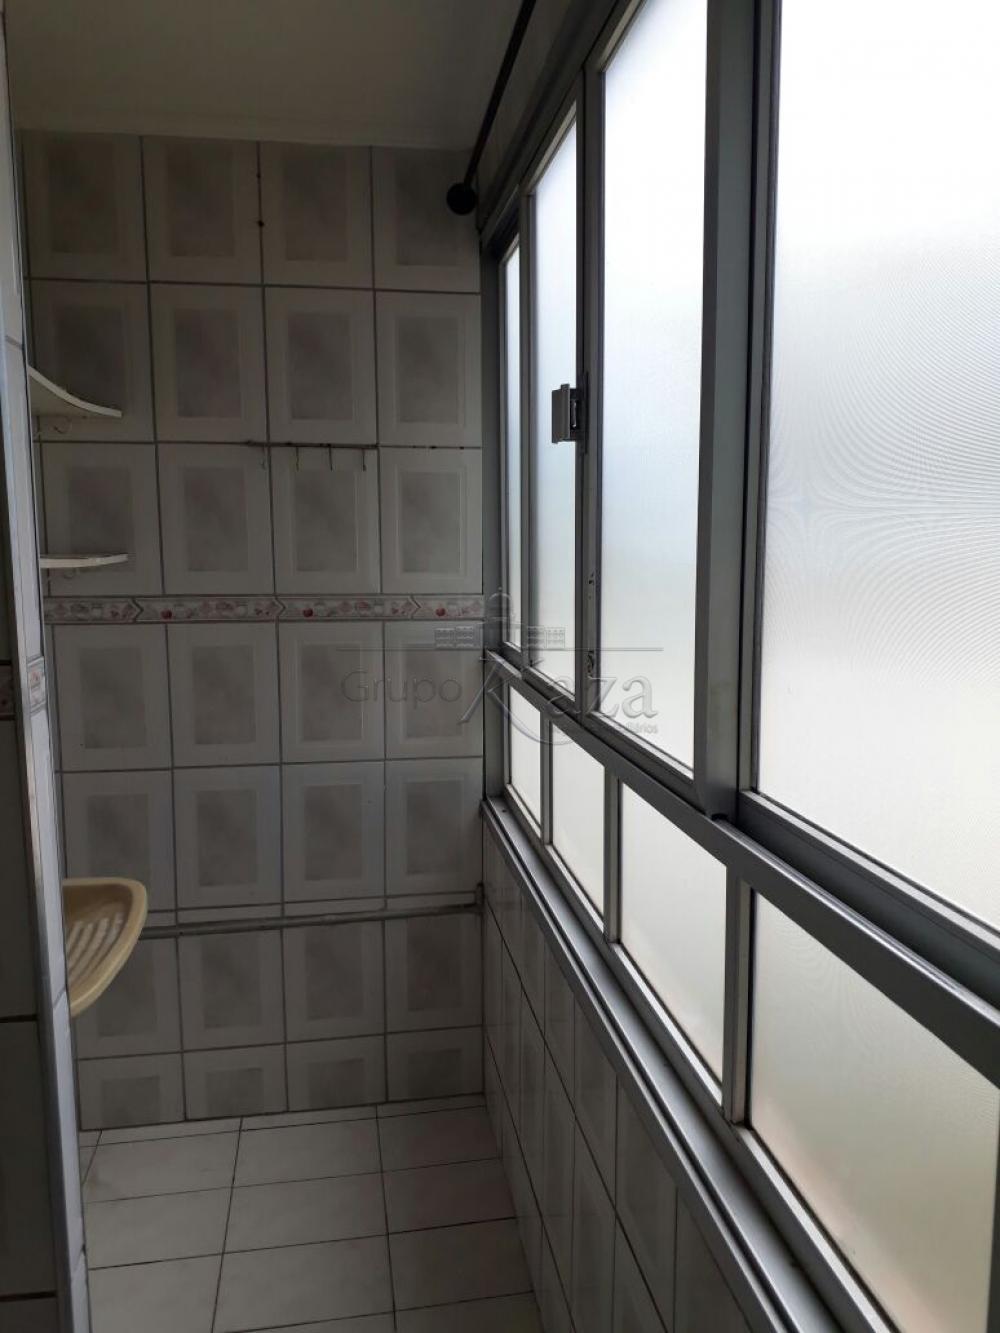 Alugar Apartamento / Padrão em São José dos Campos apenas R$ 830,00 - Foto 5